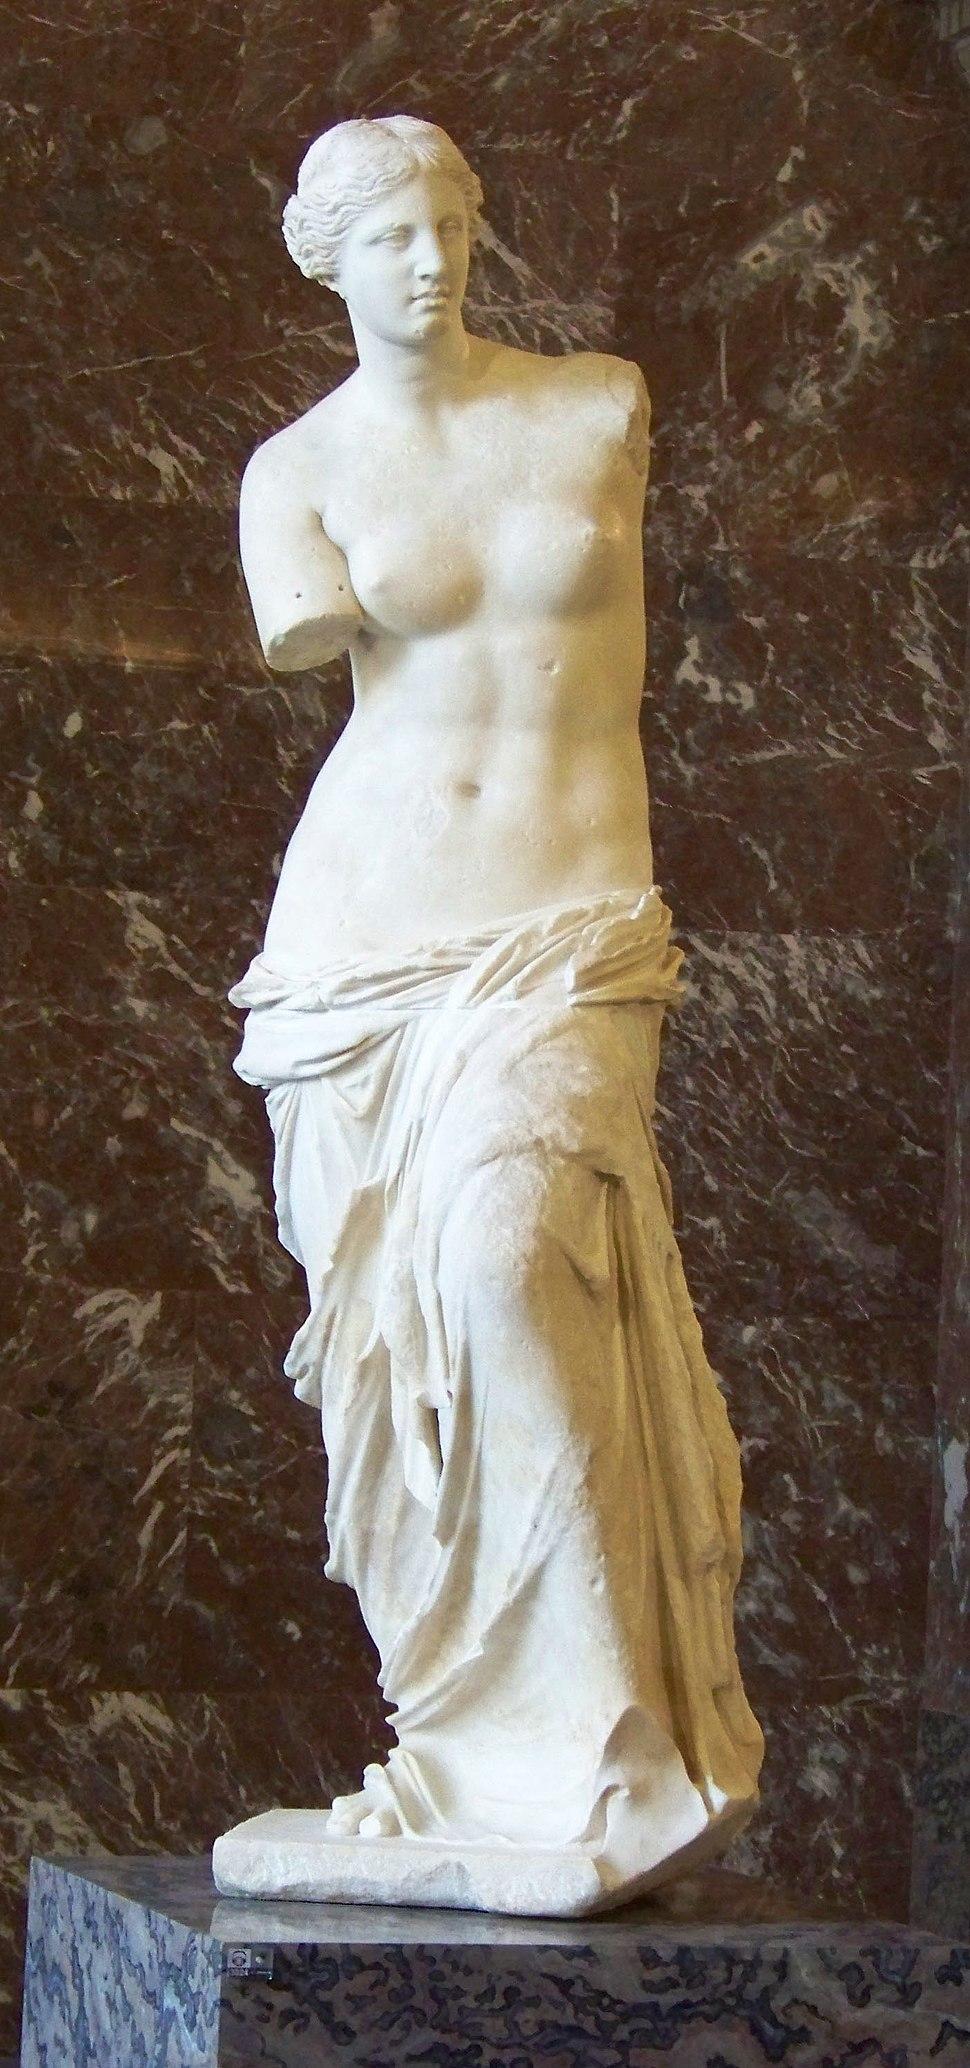 Venus de Milo 1, Louvre May 2010